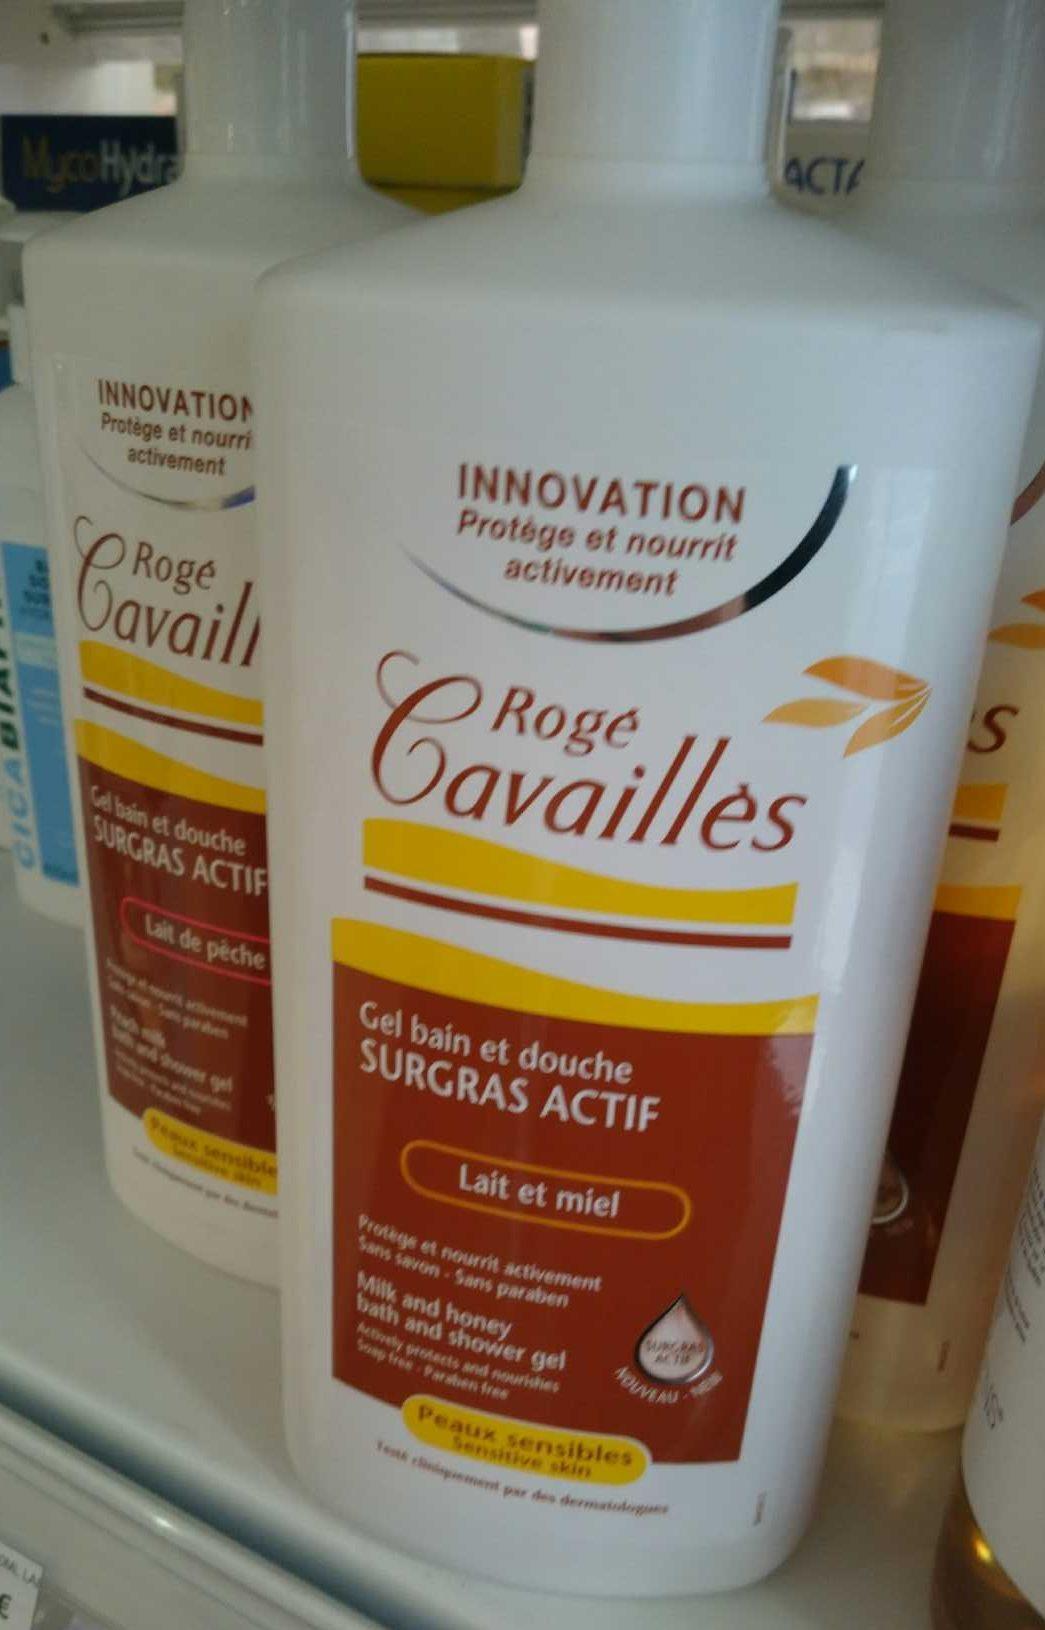 Gel bain et douche surgras actif lait et miel - Produit - fr